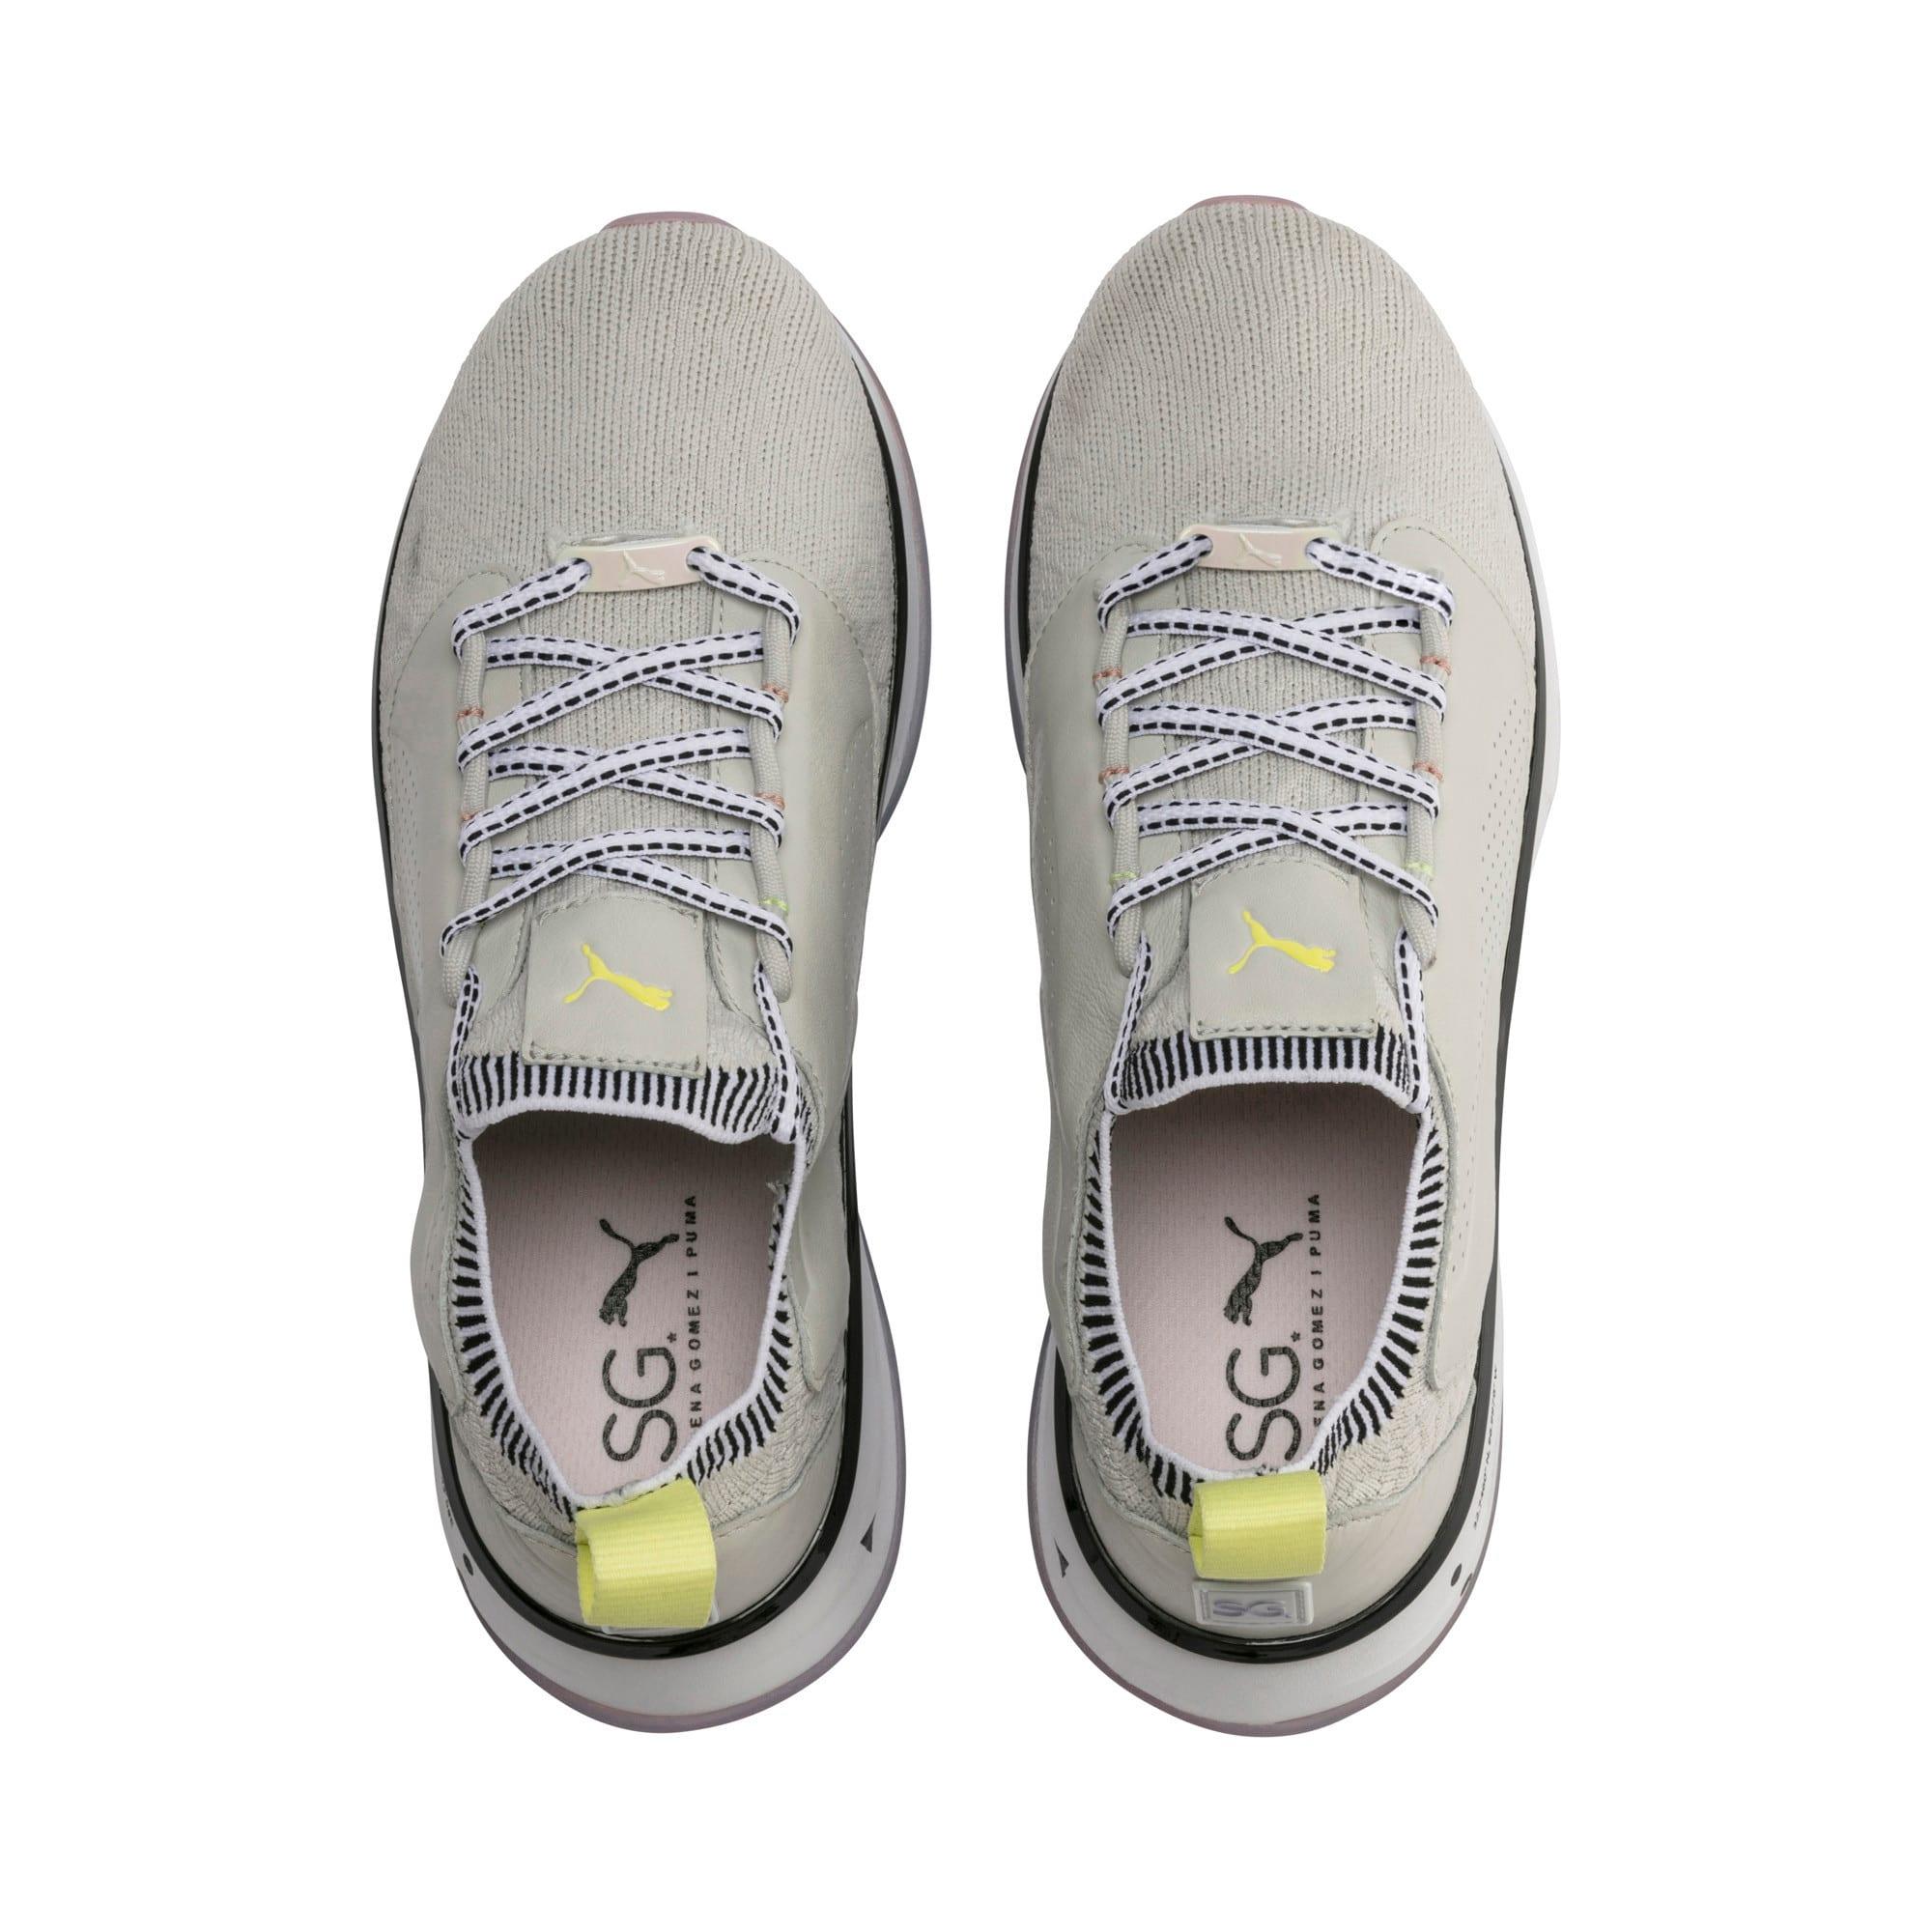 Thumbnail 7 of Chaussure pour l'entraînement PUMA x SELENA GOMEZ Runner pour femme, Glacier Gray-Puma White, medium